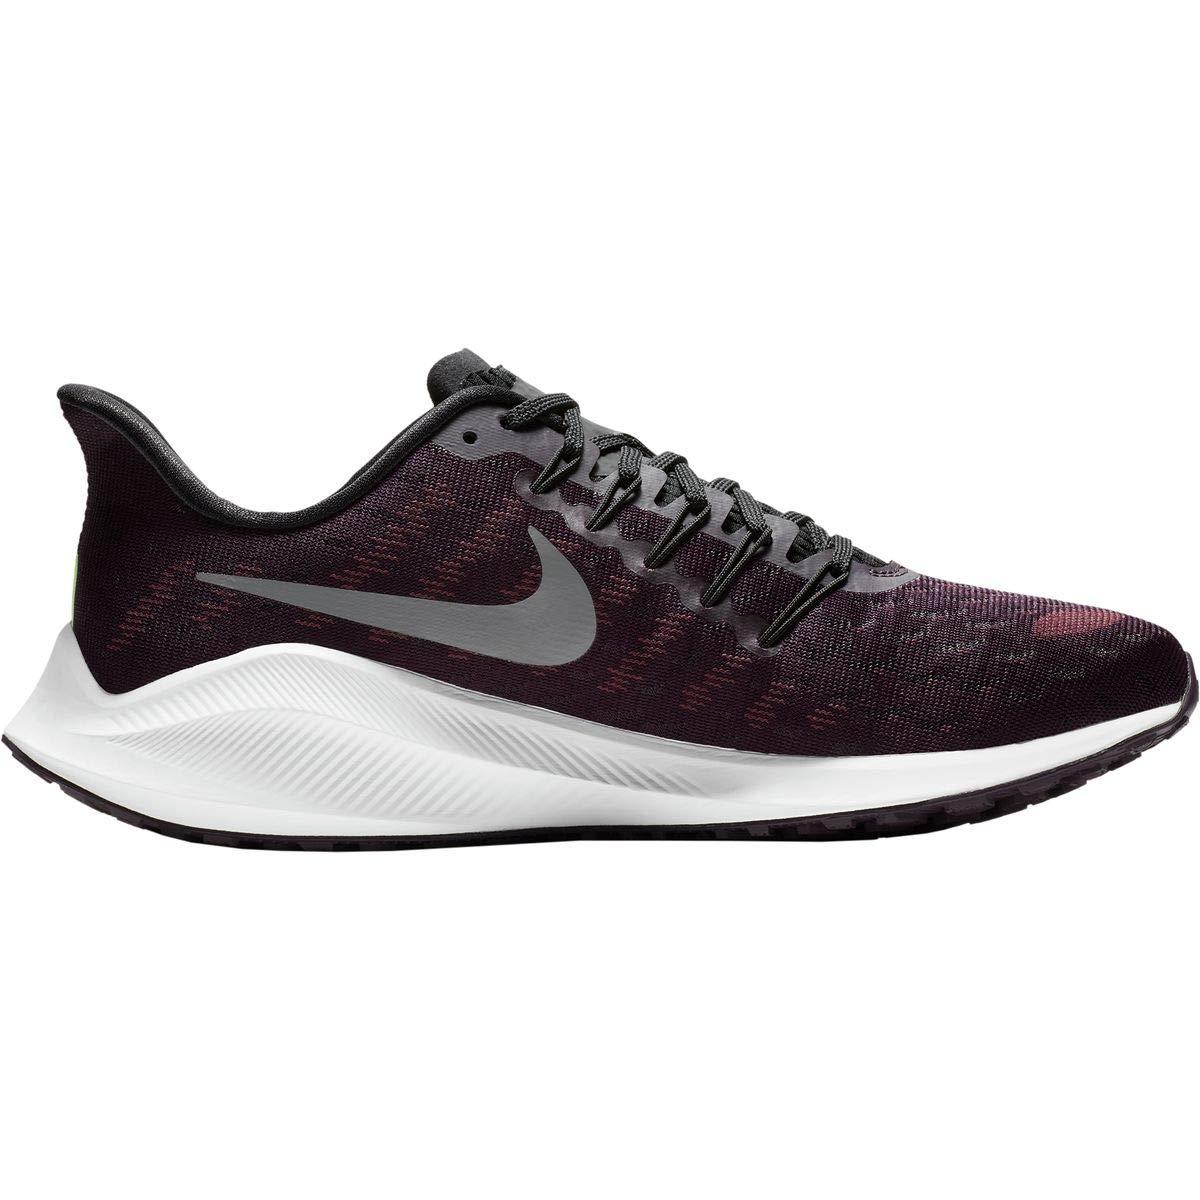 良質  [ナイキ] メンズ 14 Shoe ランニング Air Zoom Vomero 14 Running Shoe メンズ [並行輸入品] B07P53ZHQJ 9.5, Onze11 (オンズ):8d8b4540 --- senas.4x4.lt